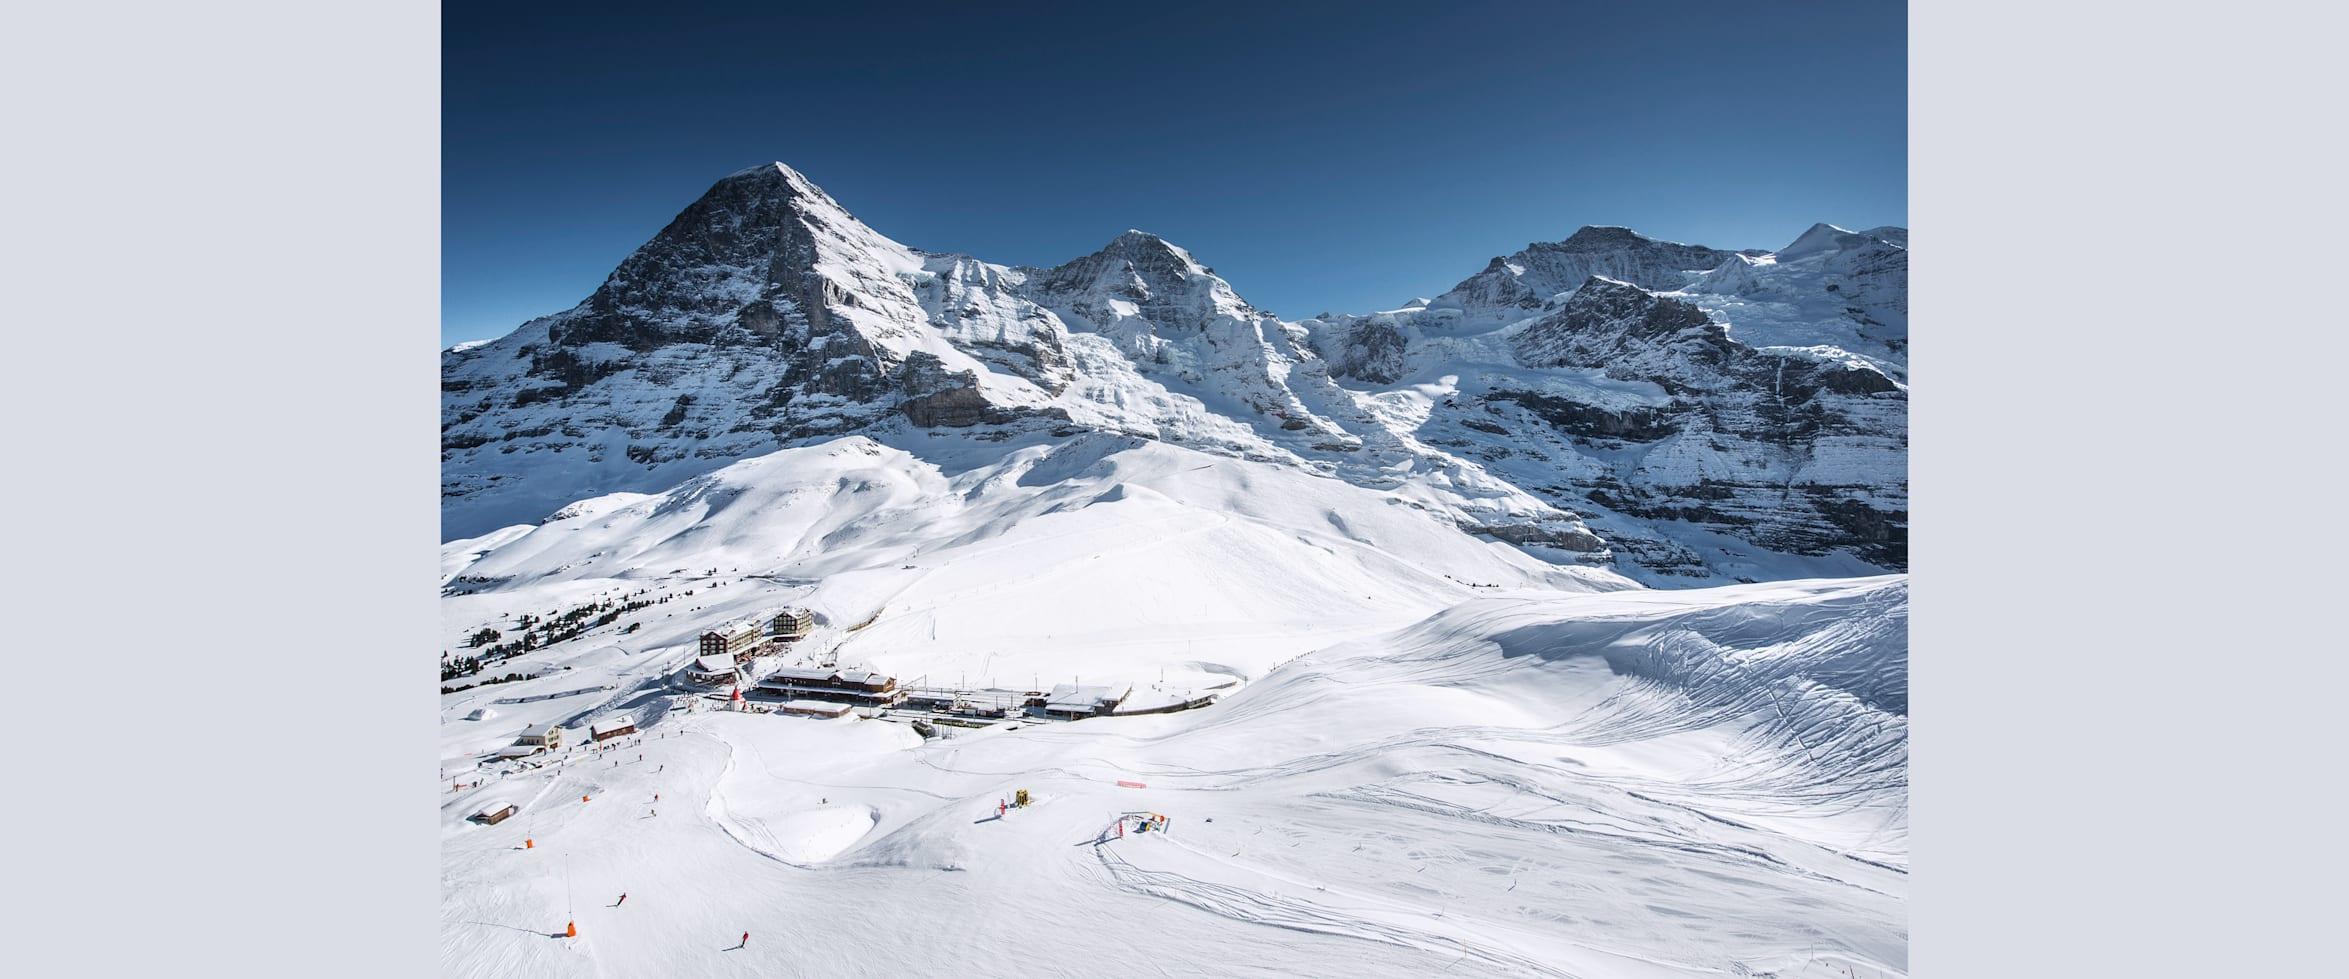 Ski fahren eiger moench jungfrau grindelwald wengen